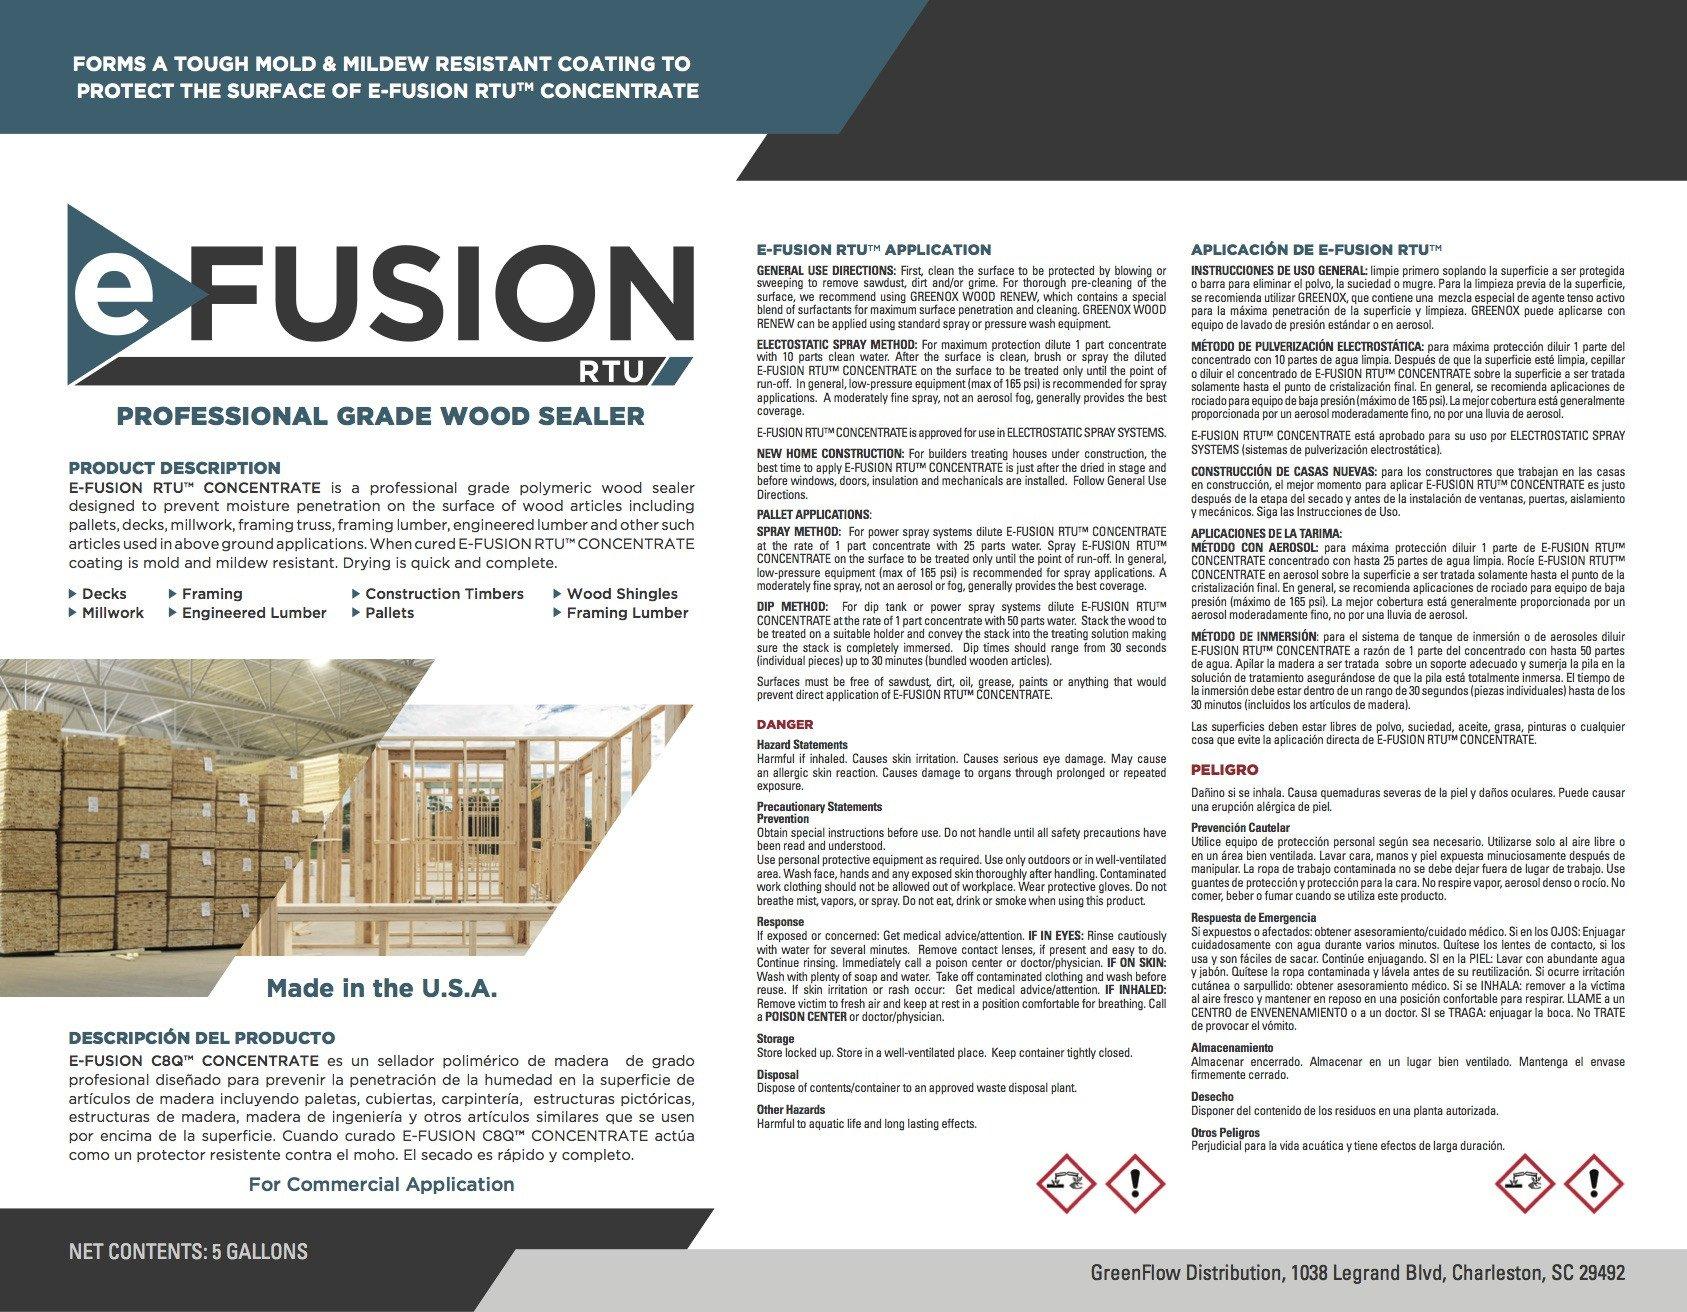 E-Fusion RTU